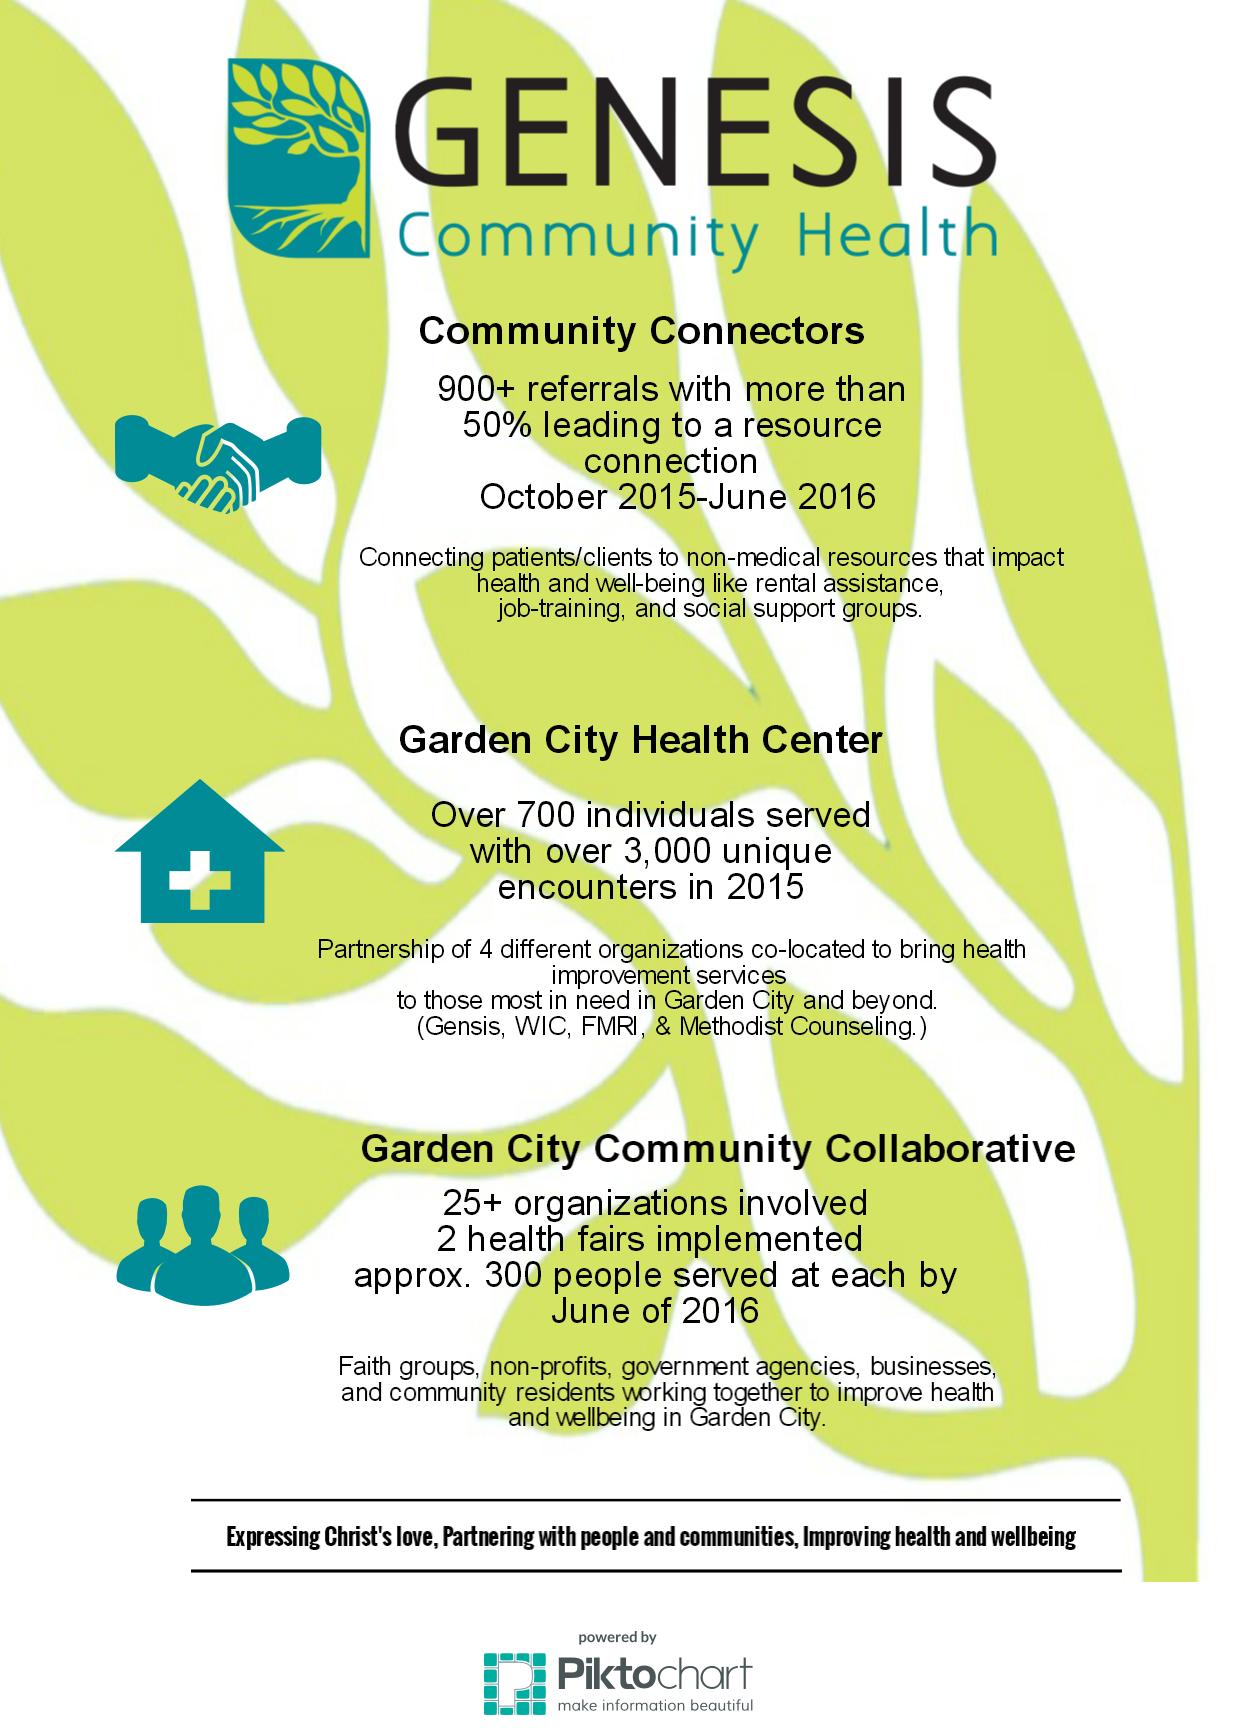 Genesis Community Health